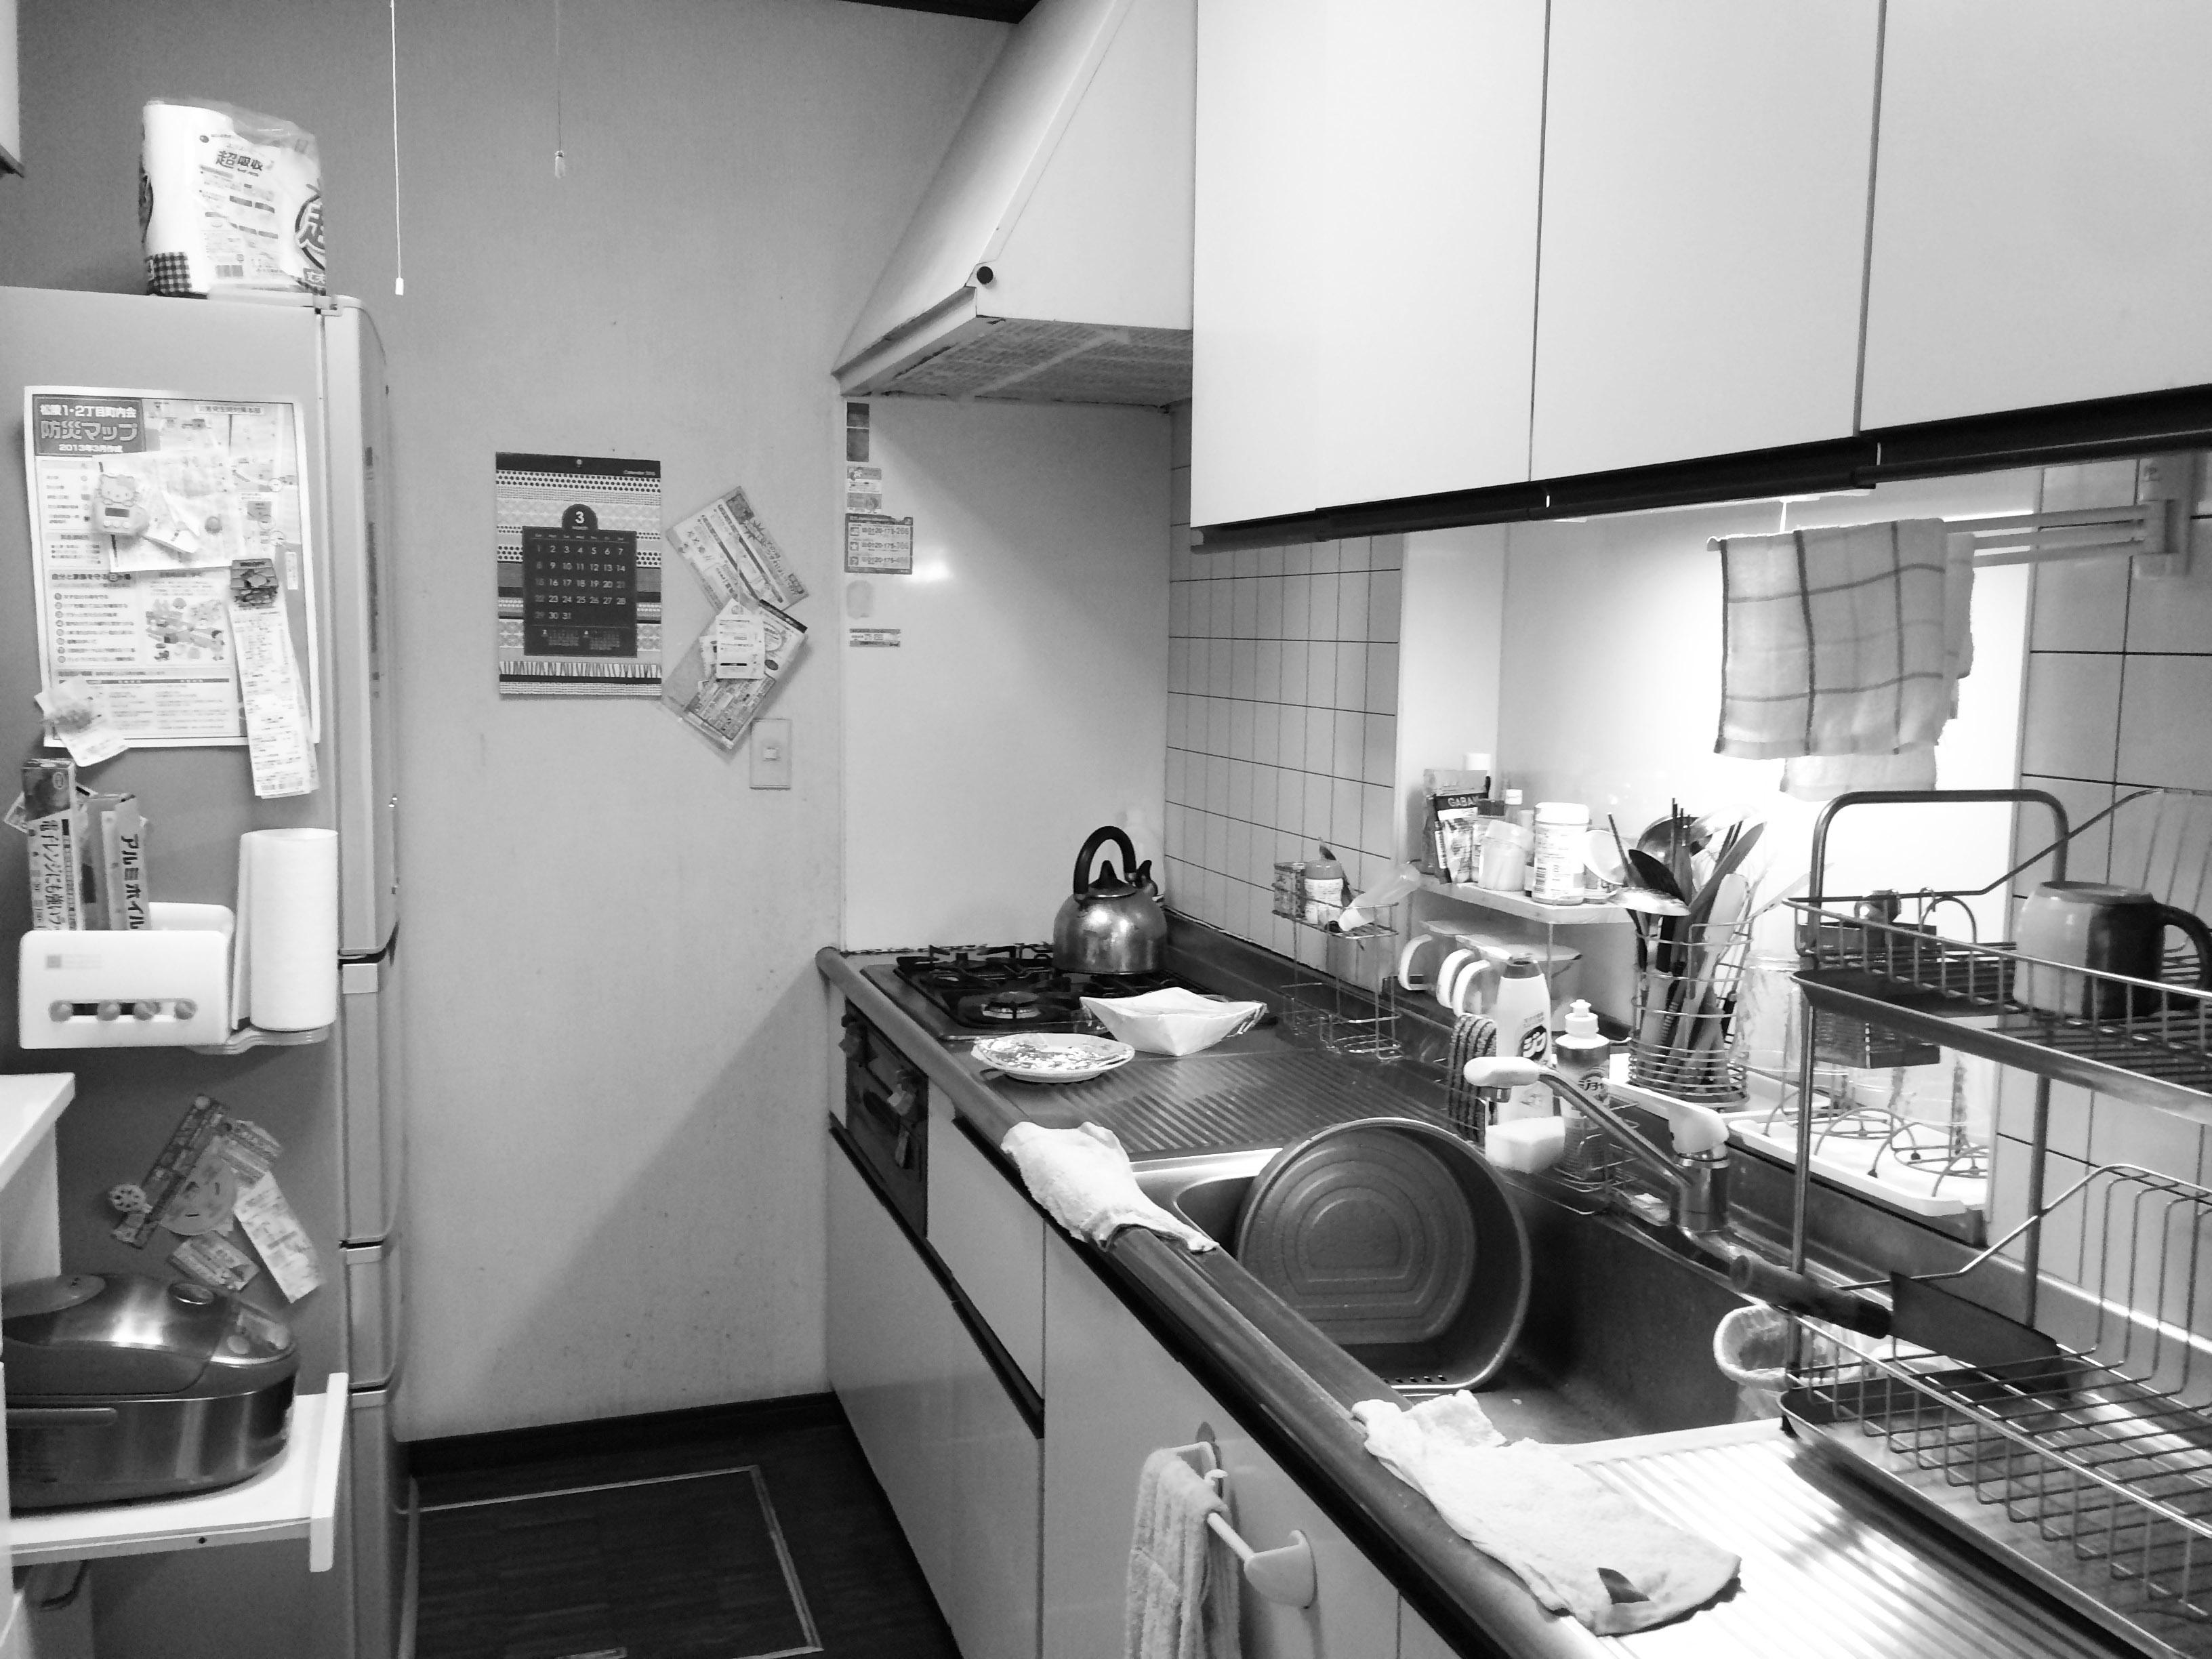 泉区K様邸 キッチンリフォーム 172万円/工期7日間 施工前